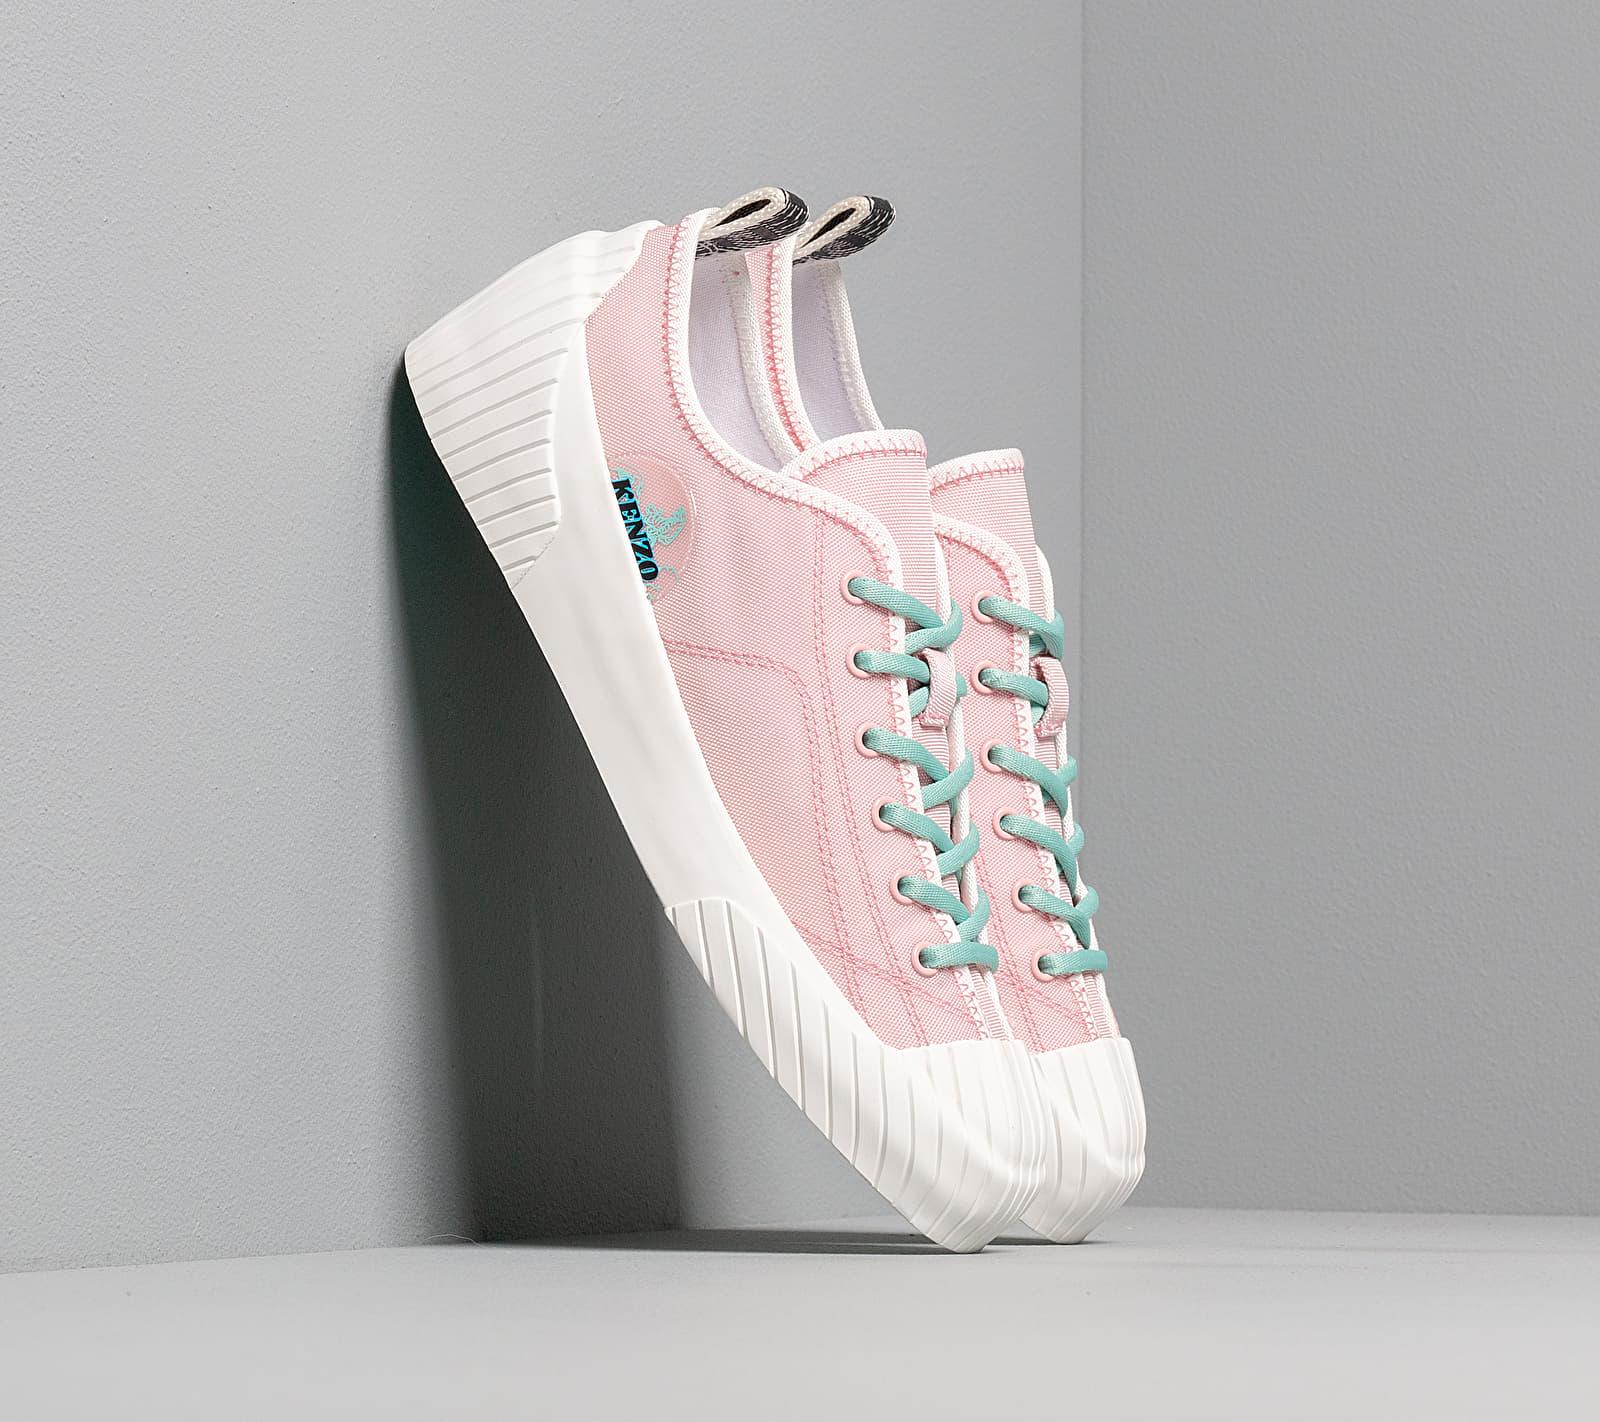 Kenzo Volkano Low Top Sneakers Rose Clair - 2SN163-F54-34